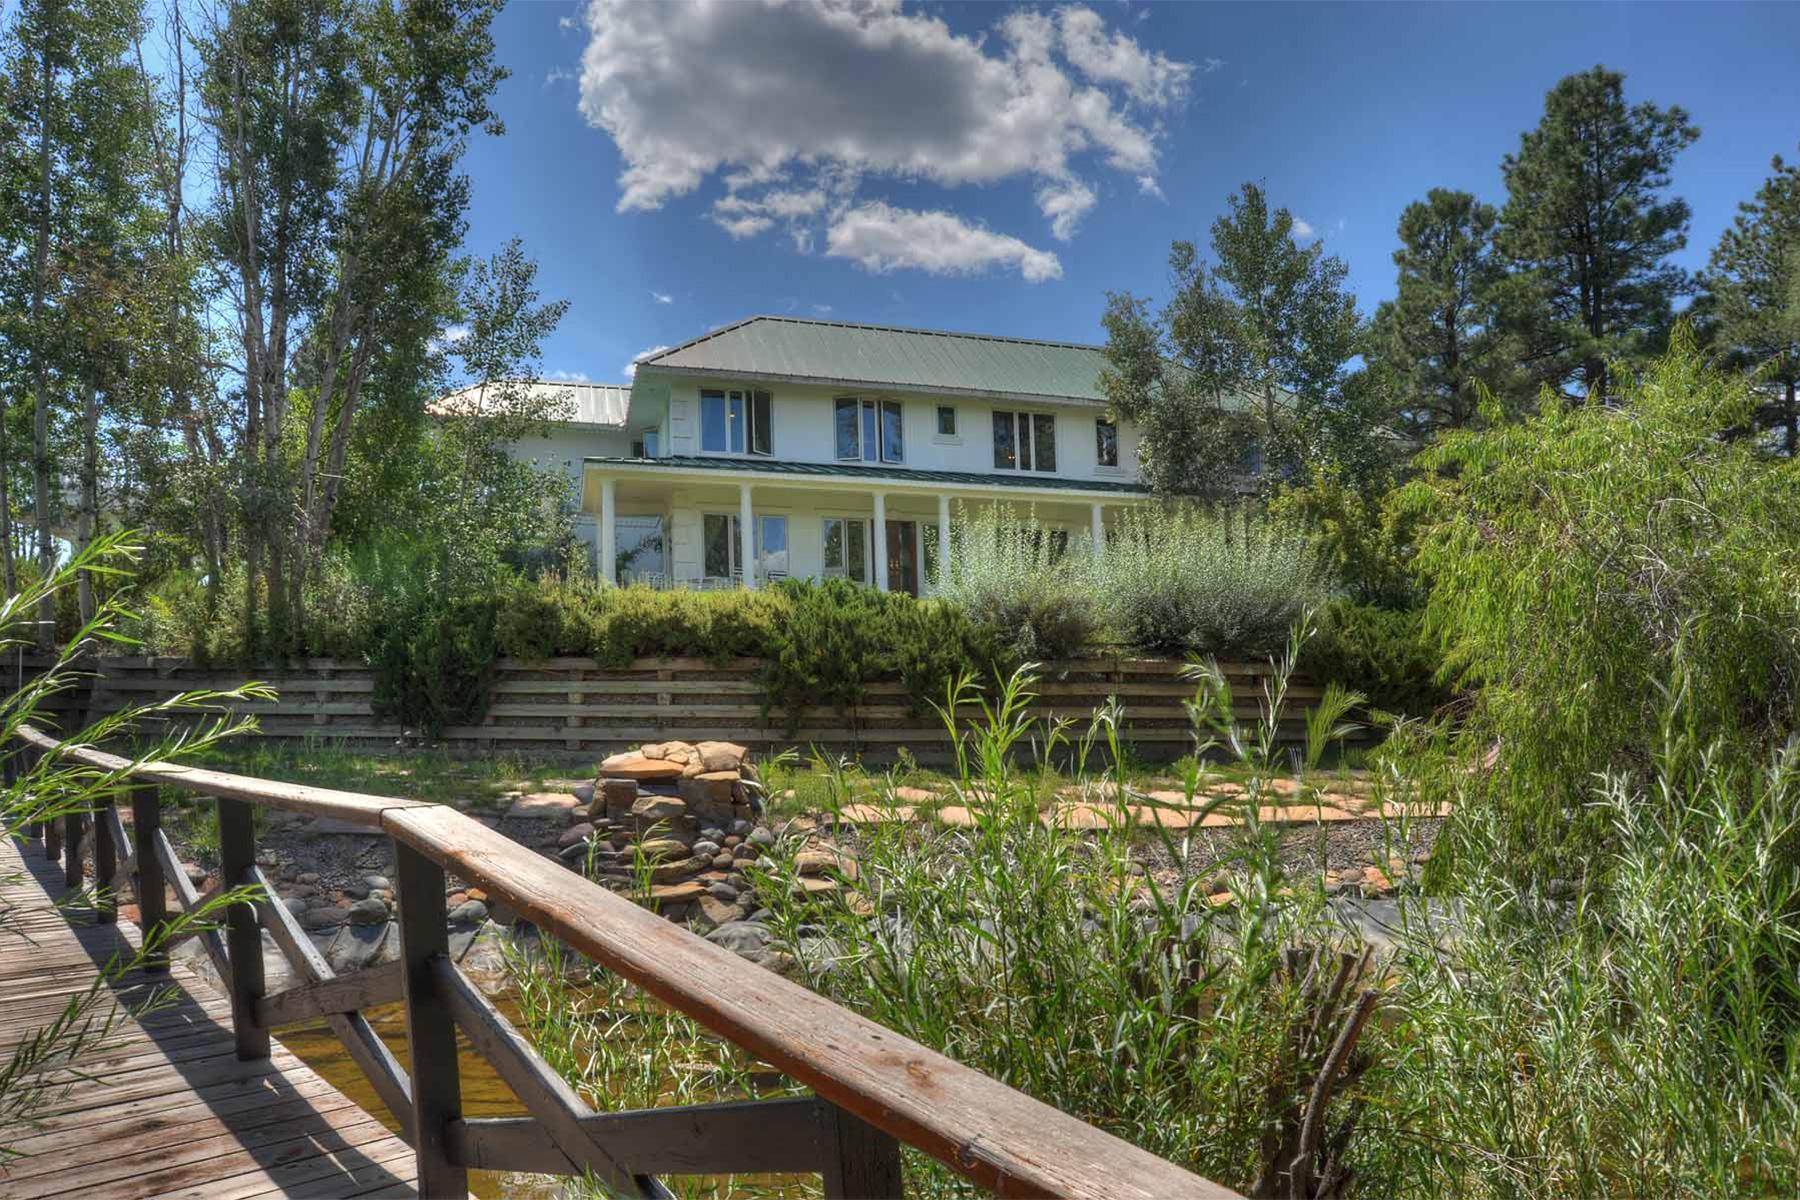 Maison unifamiliale pour l Vente à Taylor Canyon Ranch 8231 CR 500 Pagosa Springs, Colorado, 81147 États-Unis